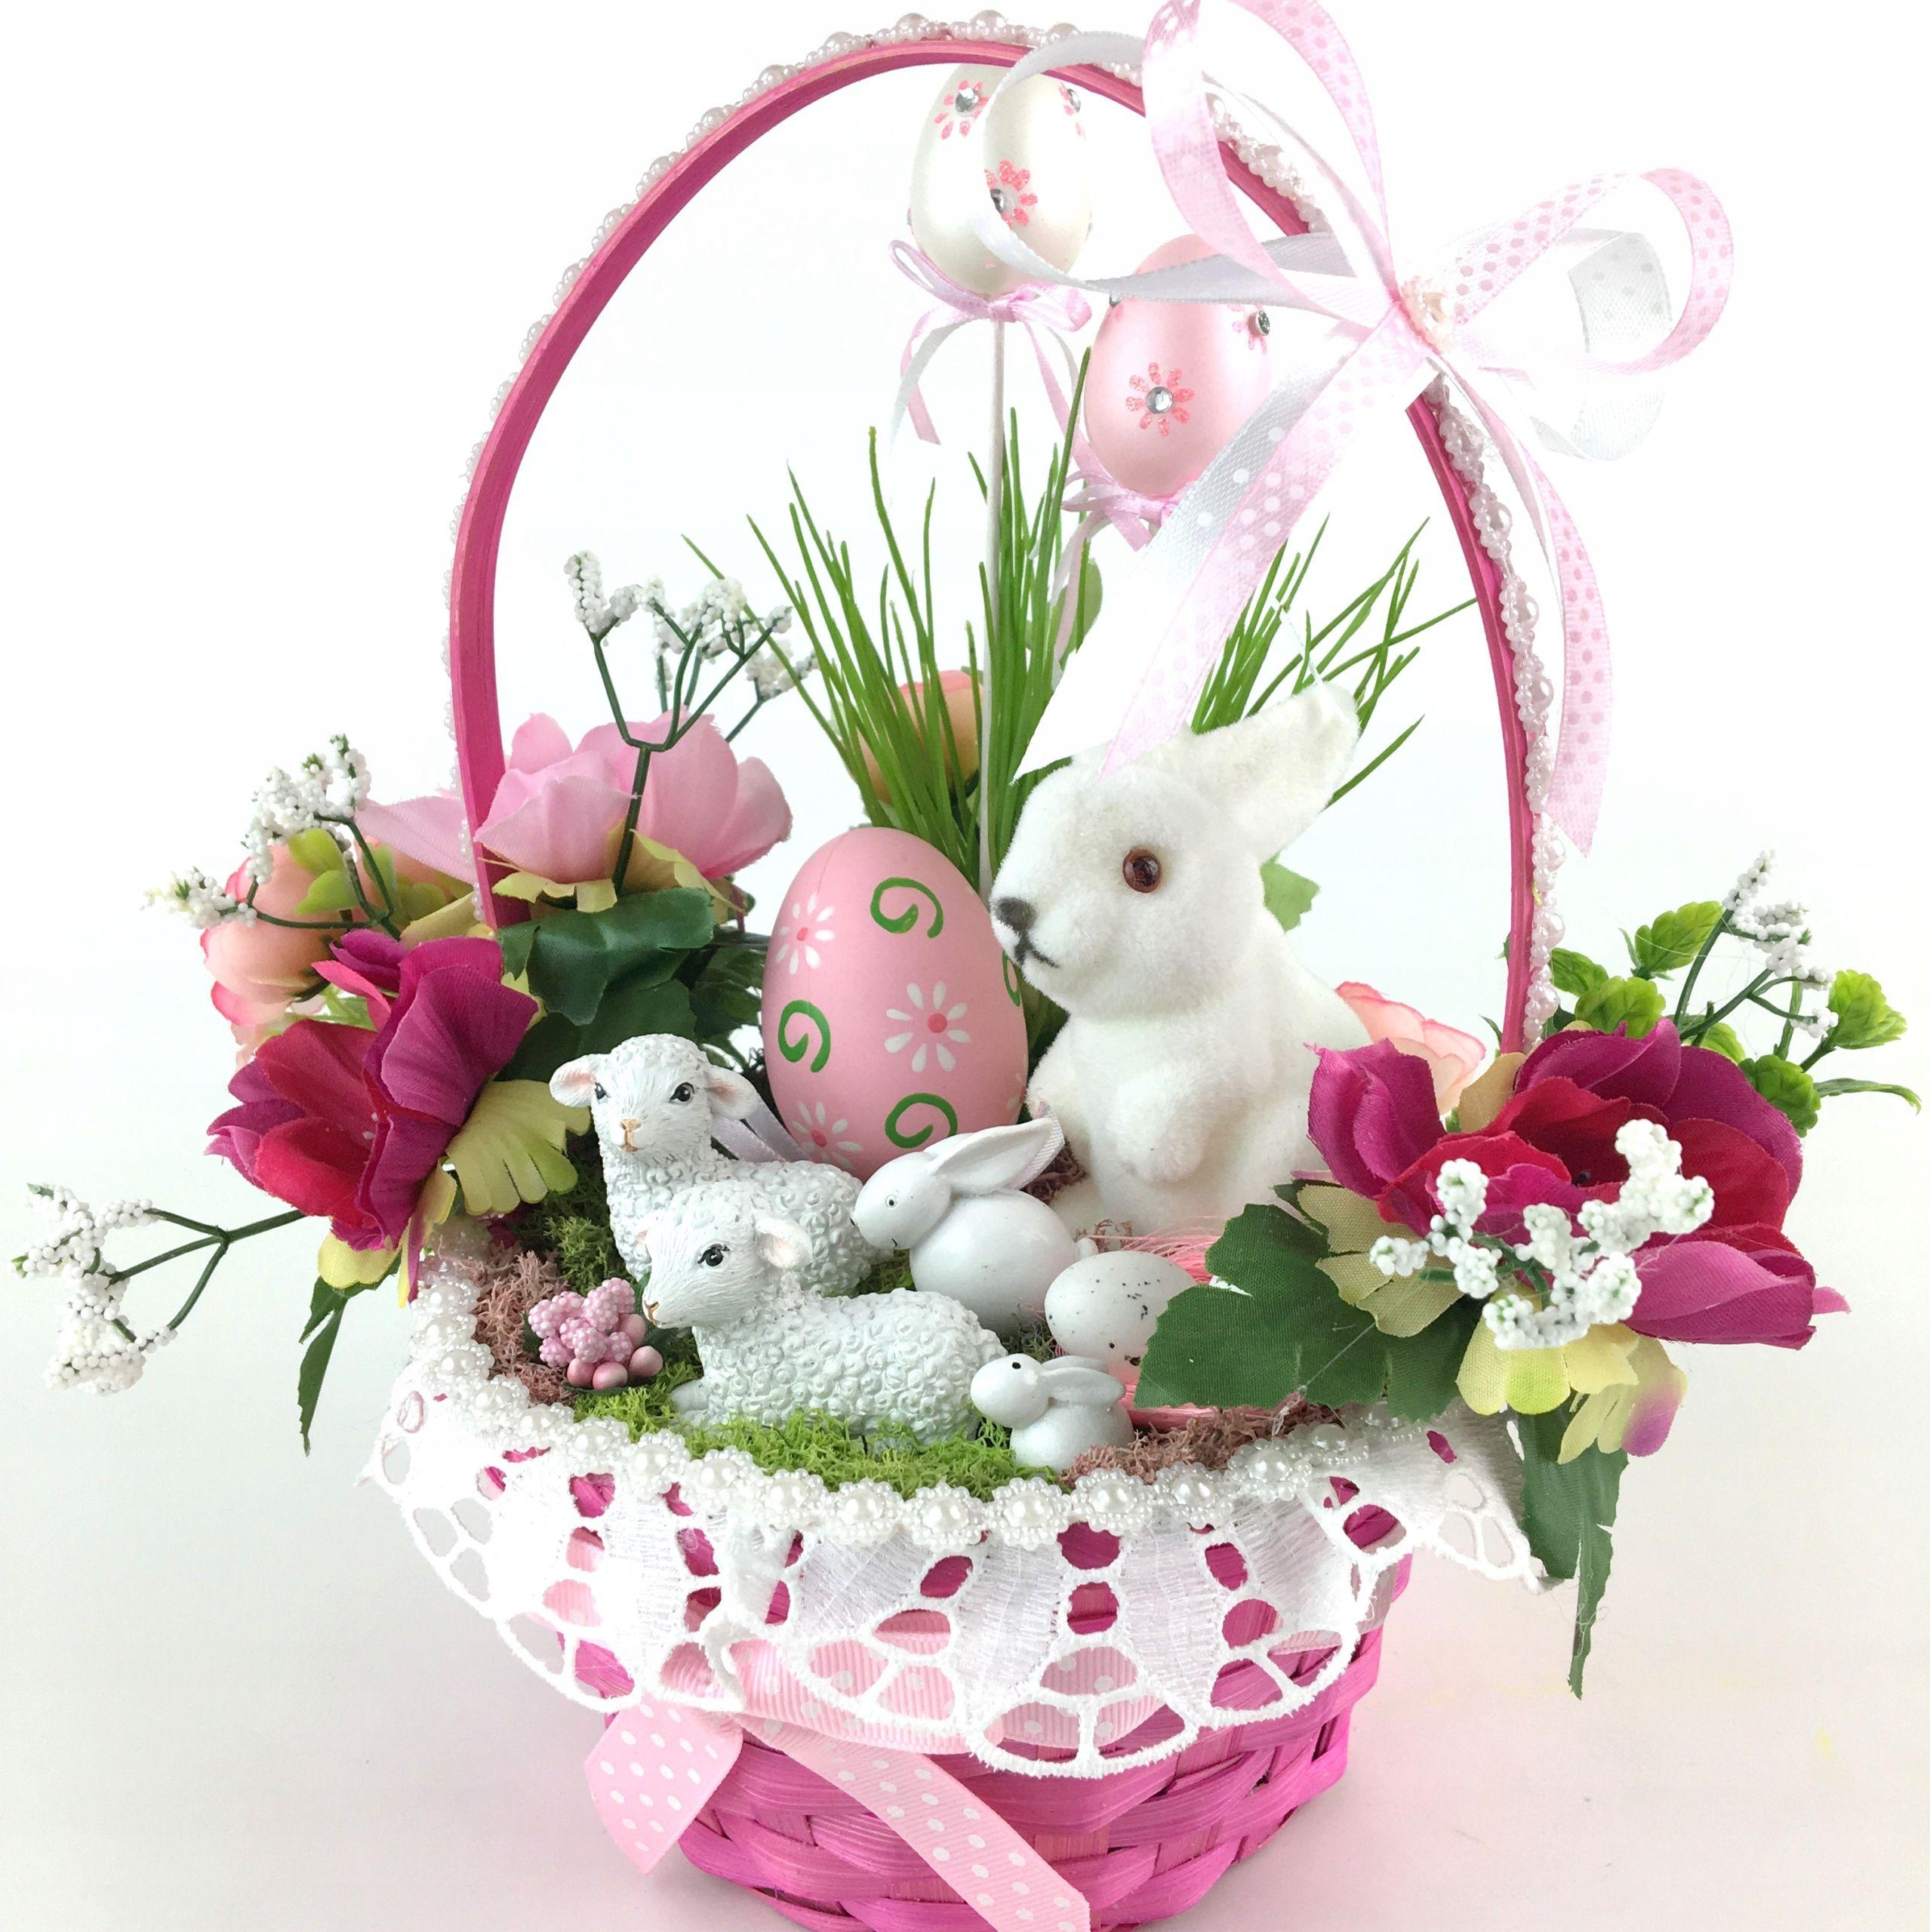 Koszyczek Dzieciecy Stroik Wielkanocny Prezent 7953183441 Oficjalne Archiwum Allegro Diy Decor Home Decor